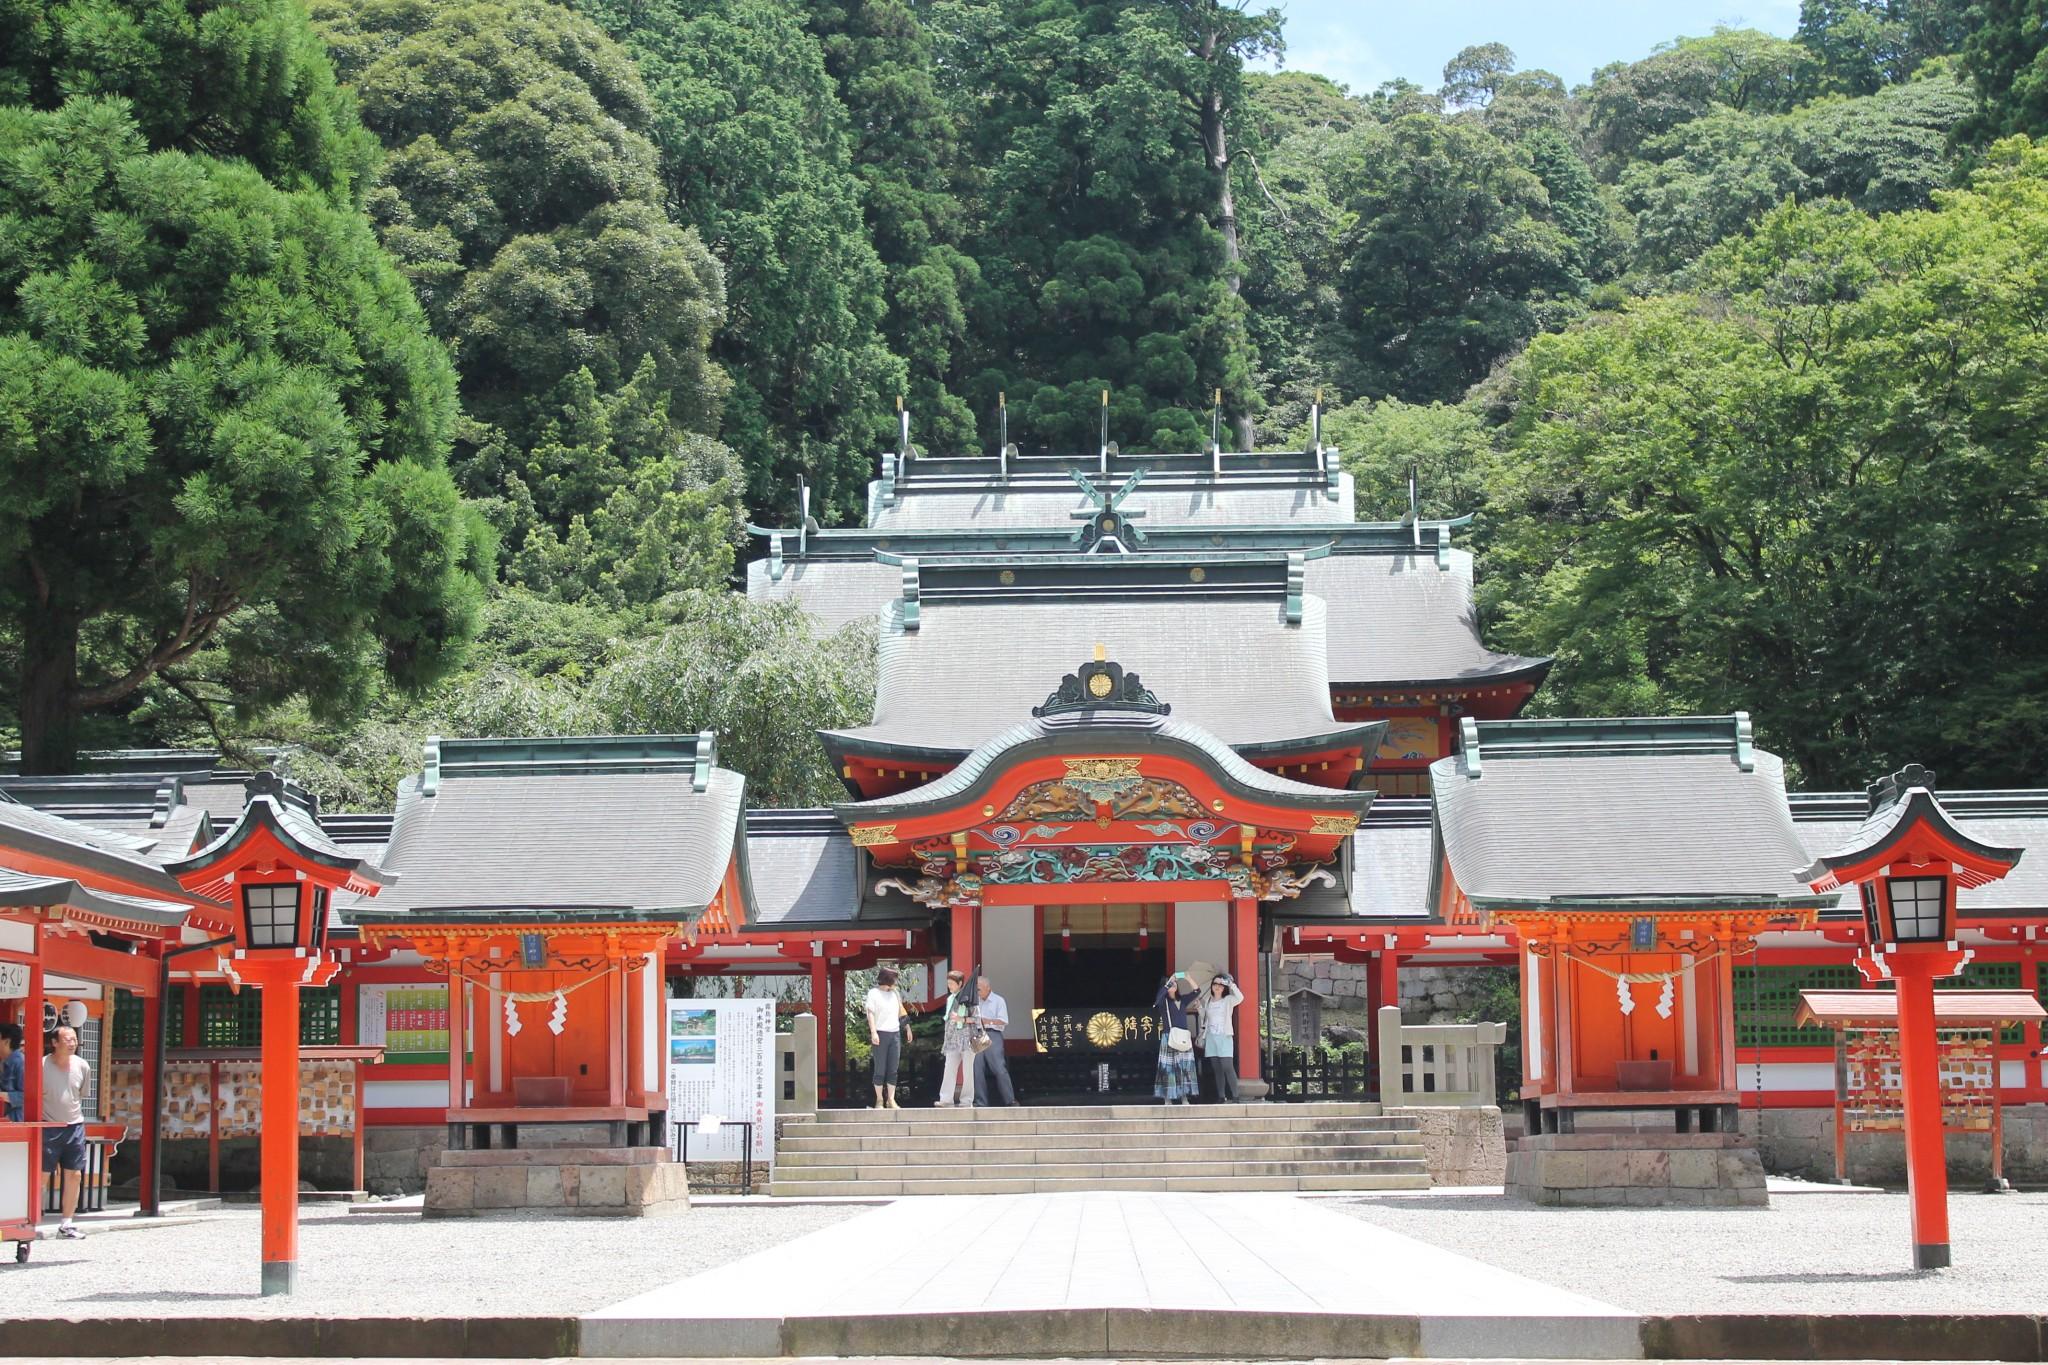 Kirishima Jingu Shrine and its Mythology